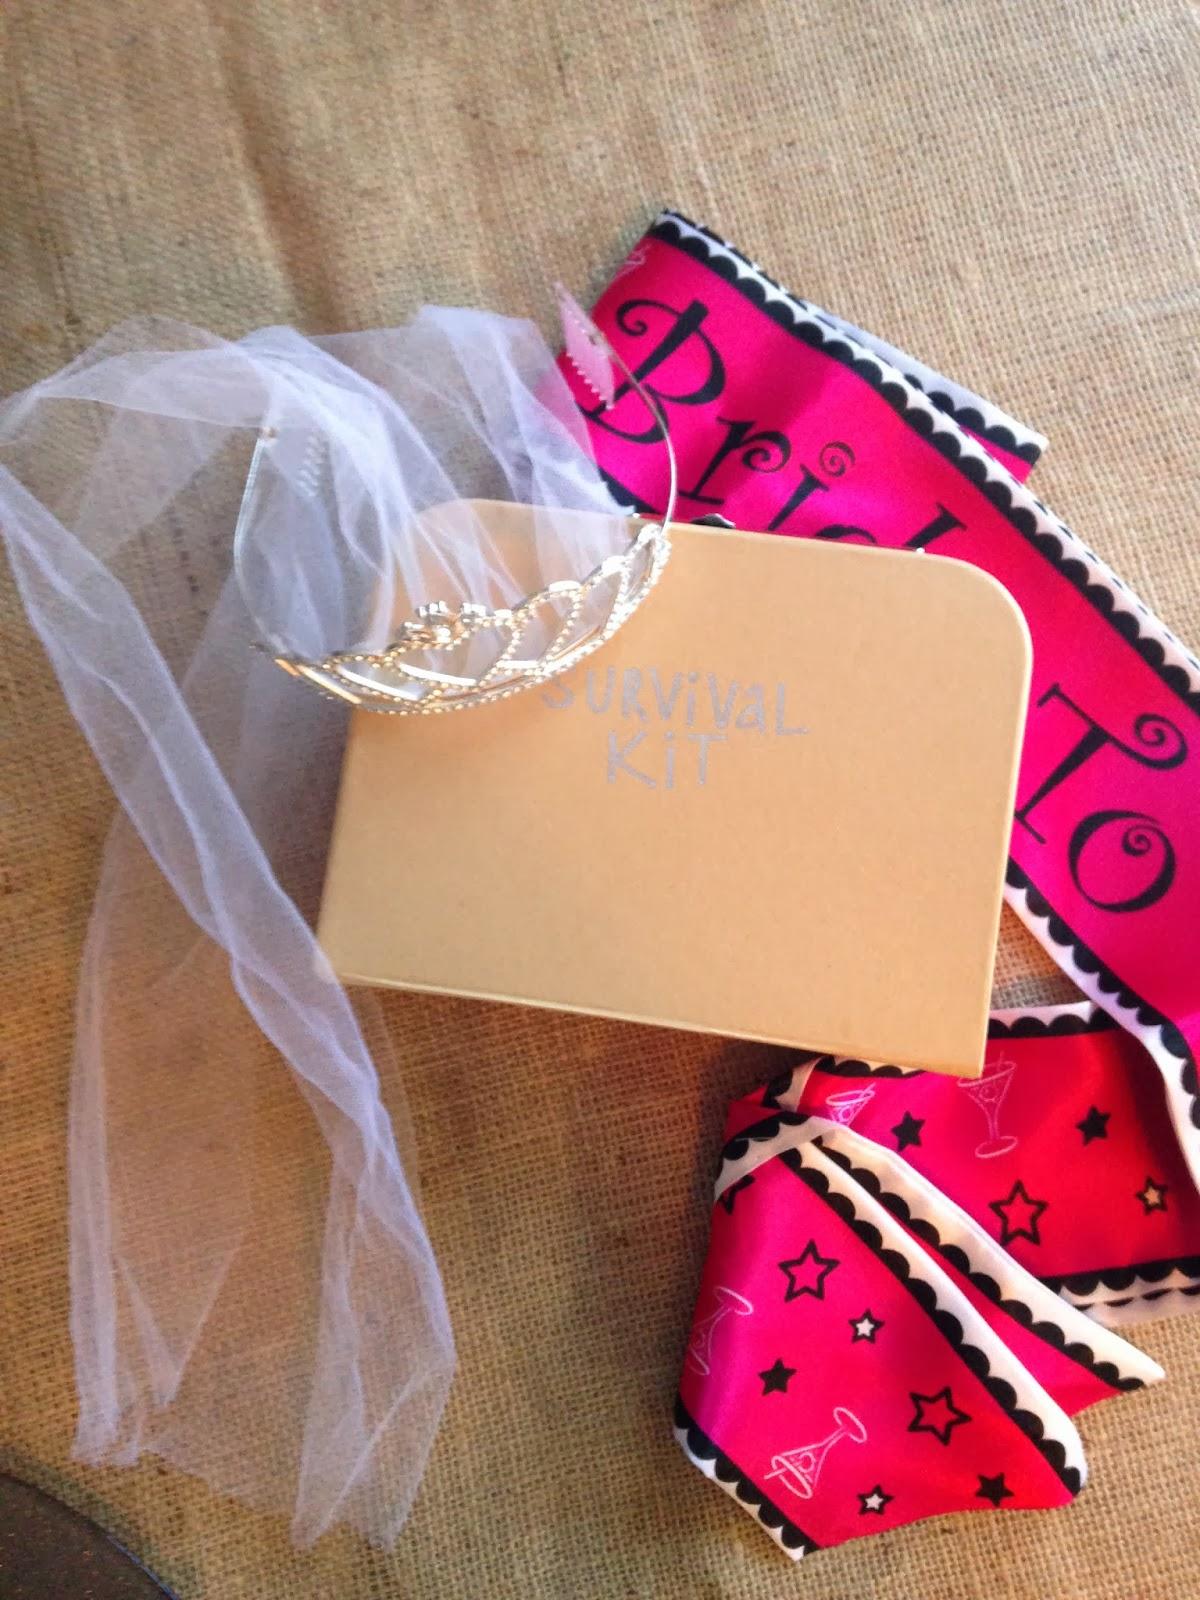 DIY Bachelorette Survival Pack